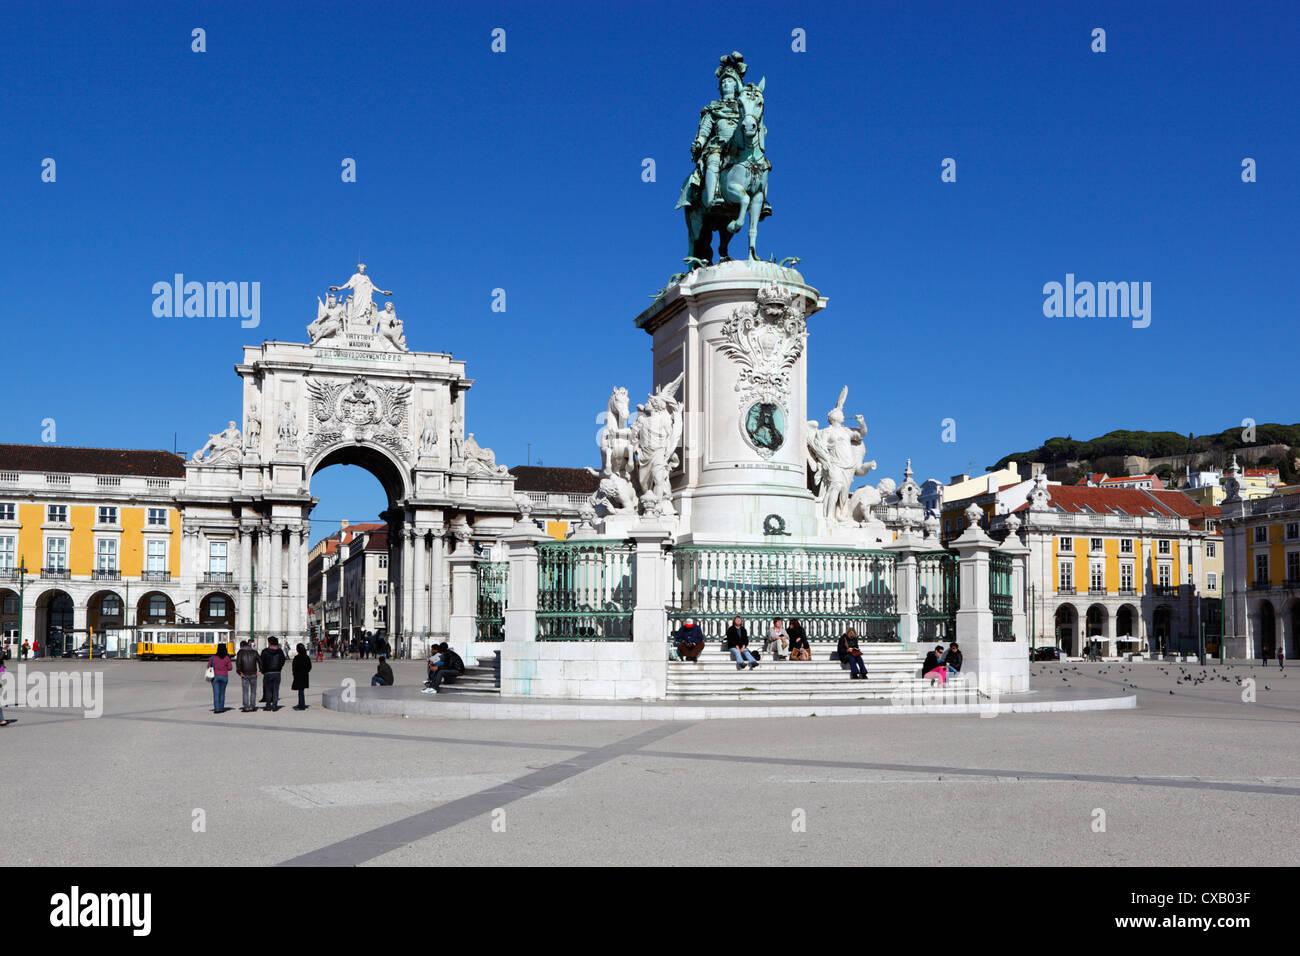 Praca do Comercio with equestrian statue of Dom Jose and Arco da Rua Augusta, Baixa, Lisbon, Portugal, Europe - Stock Image